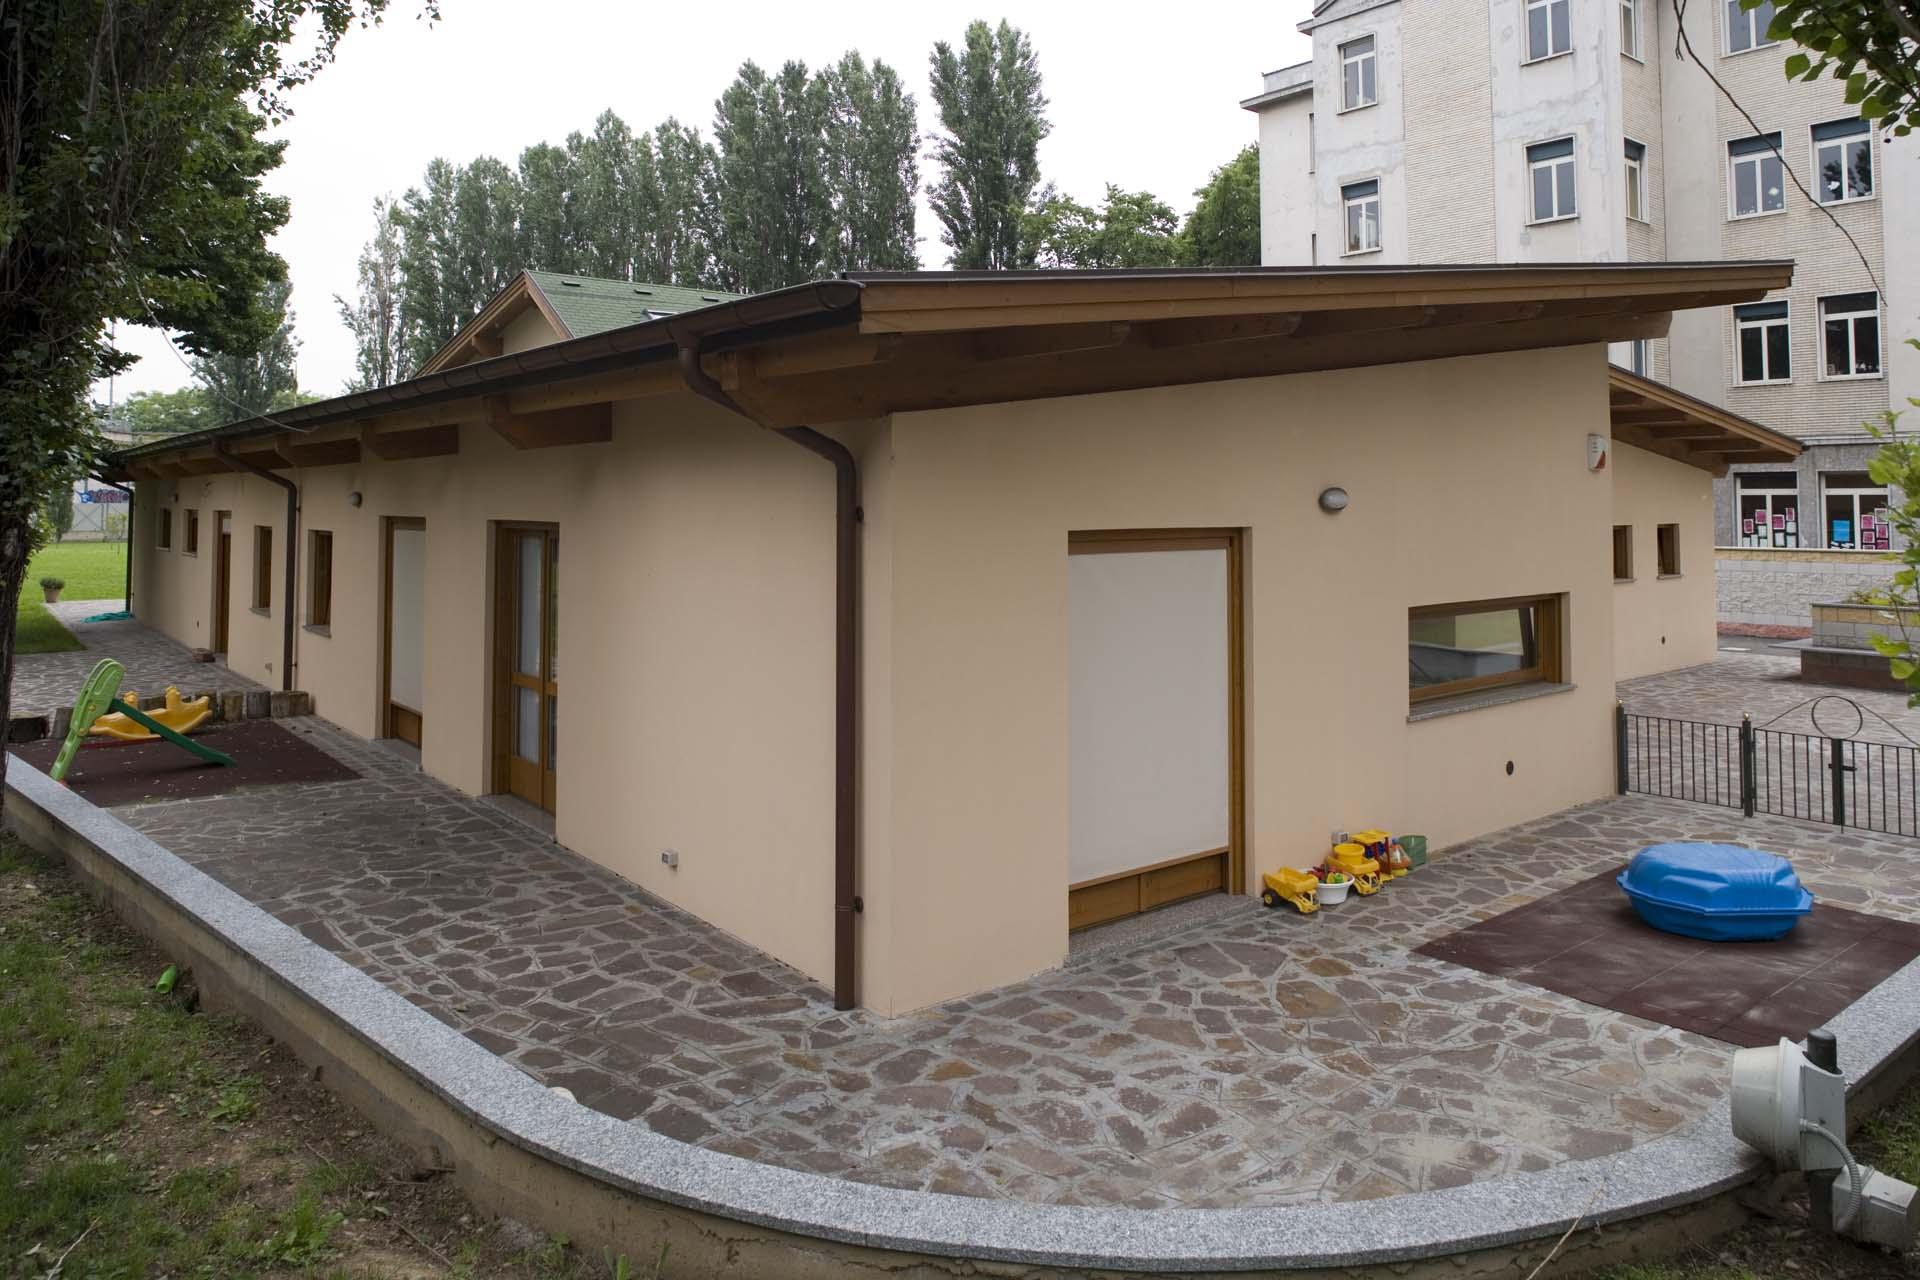 Modelli ille case in legno tecnologia esperienza ed for Nuove case in stile vittoriano di costruzione